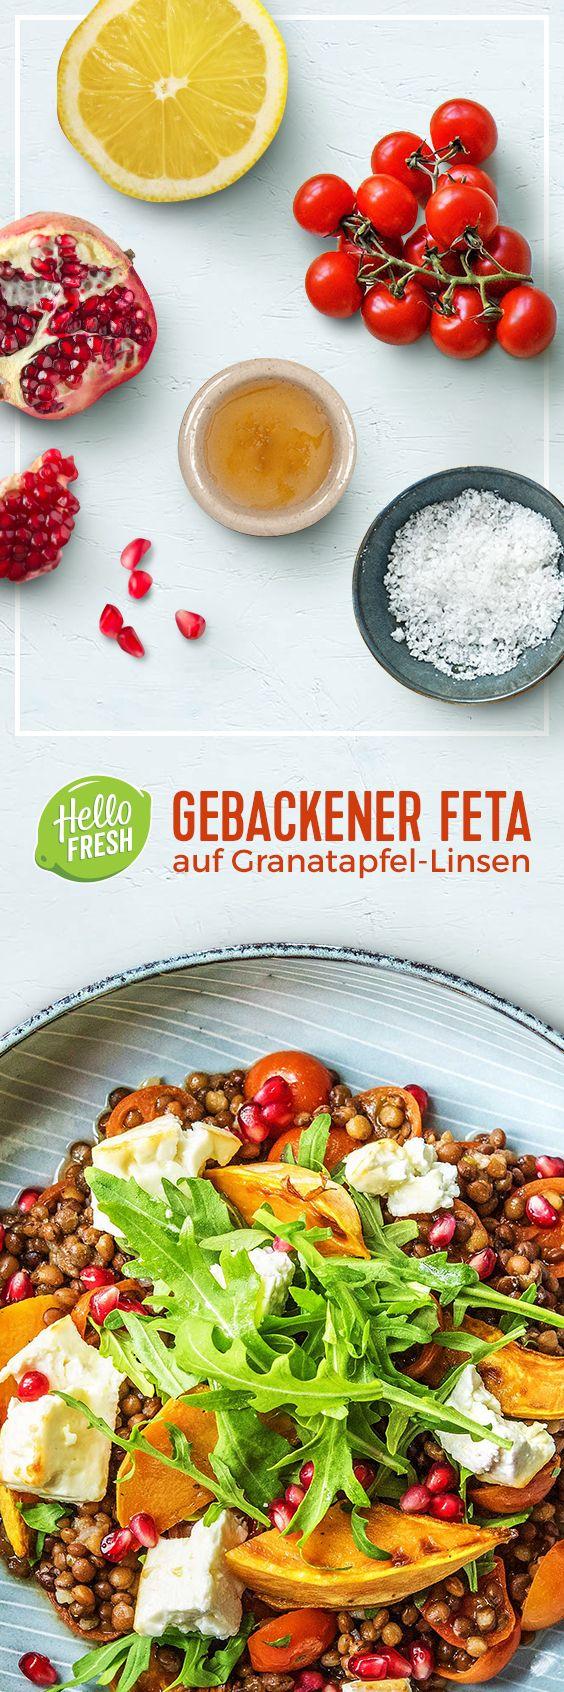 Gebackener Feta mit Honig, auf Granatapfel-Linsen-Gemüse mit Süßkartoffelecken.  Vegetarisch // Gesund